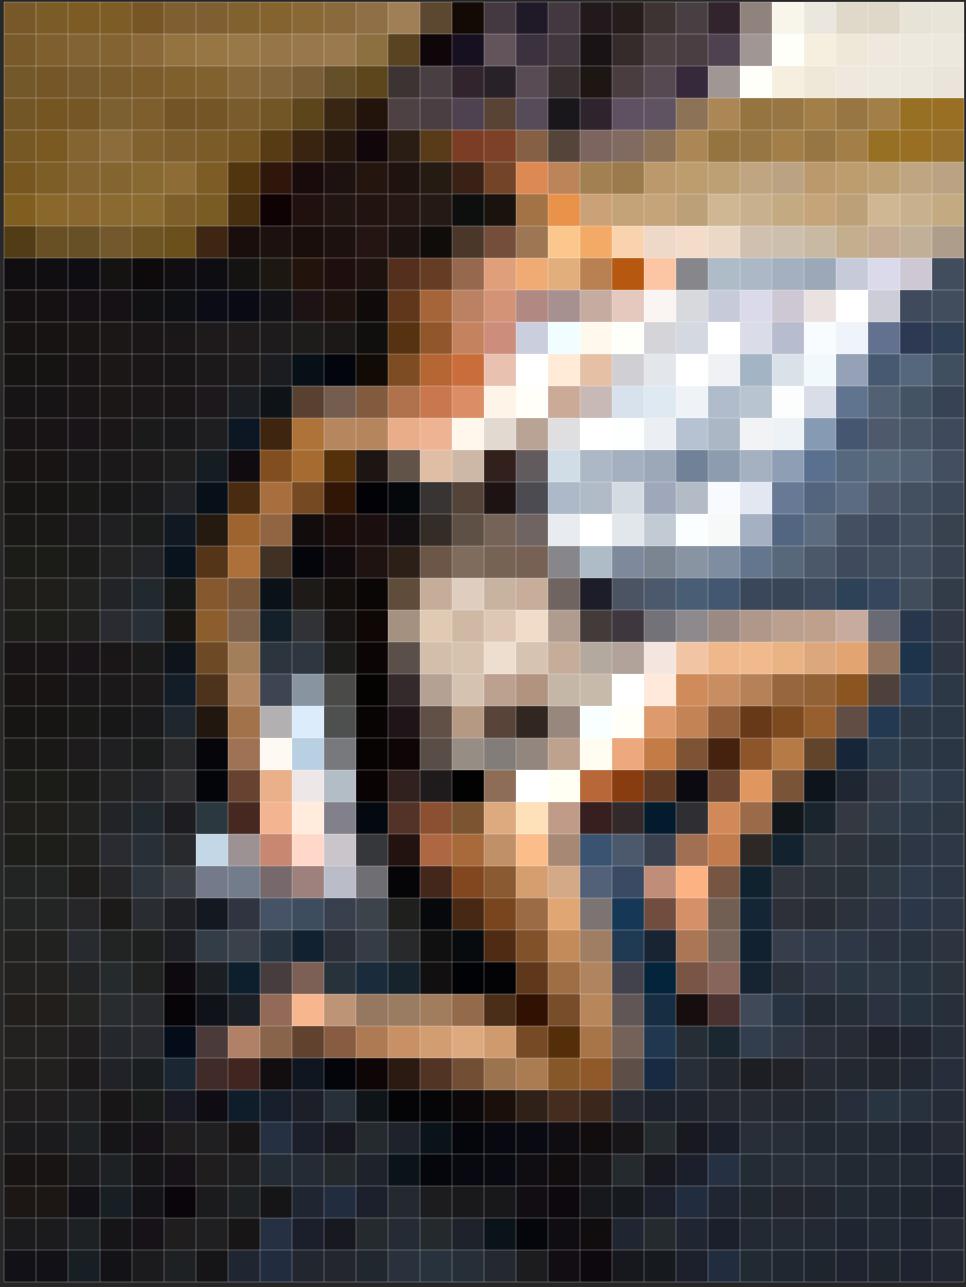 PXXL02 (AZART 00033)